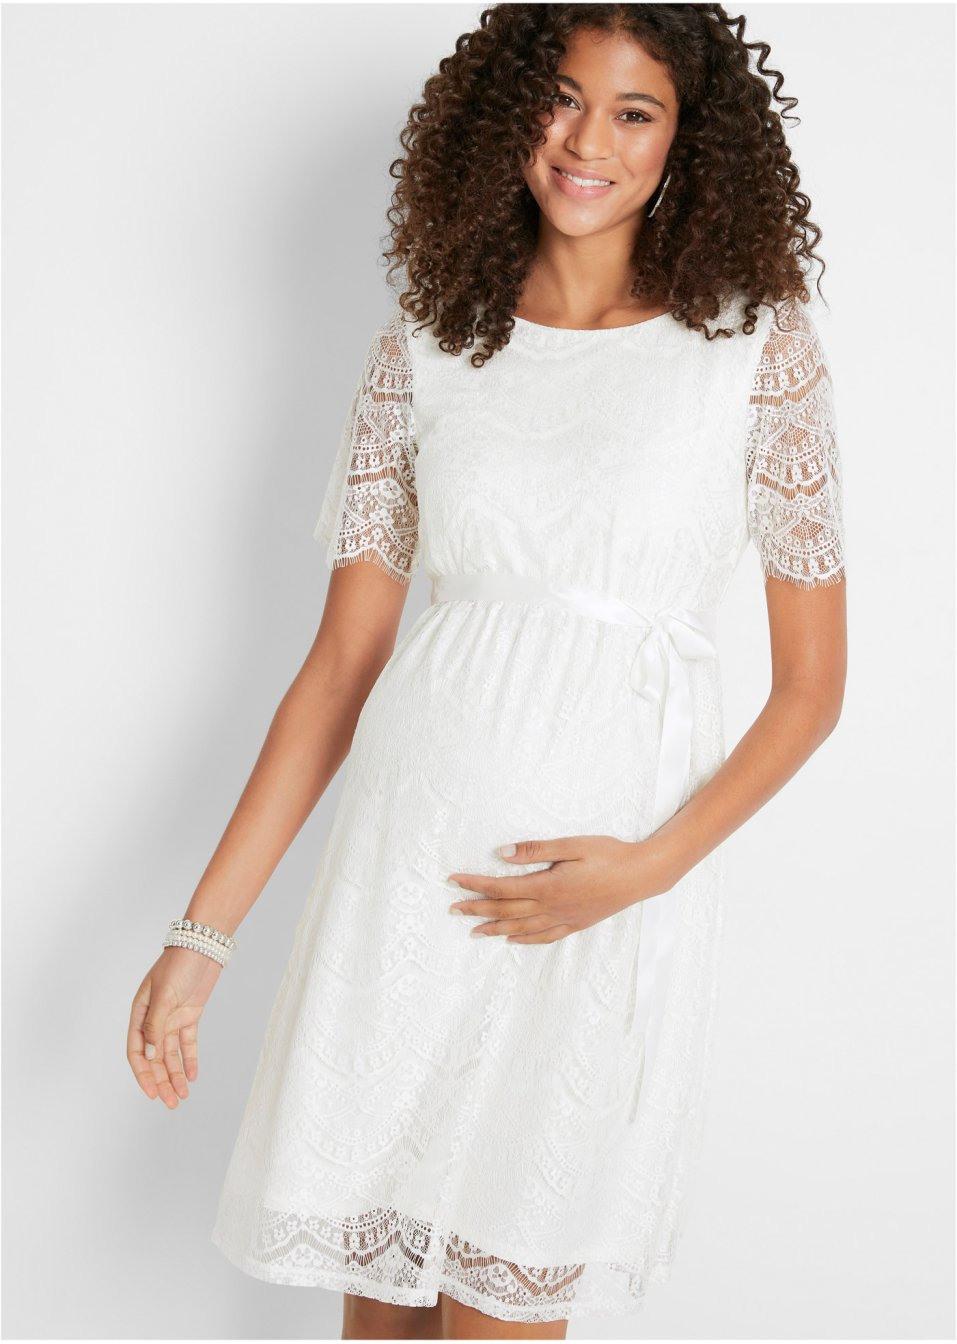 Umstands-Hochzeitskleid